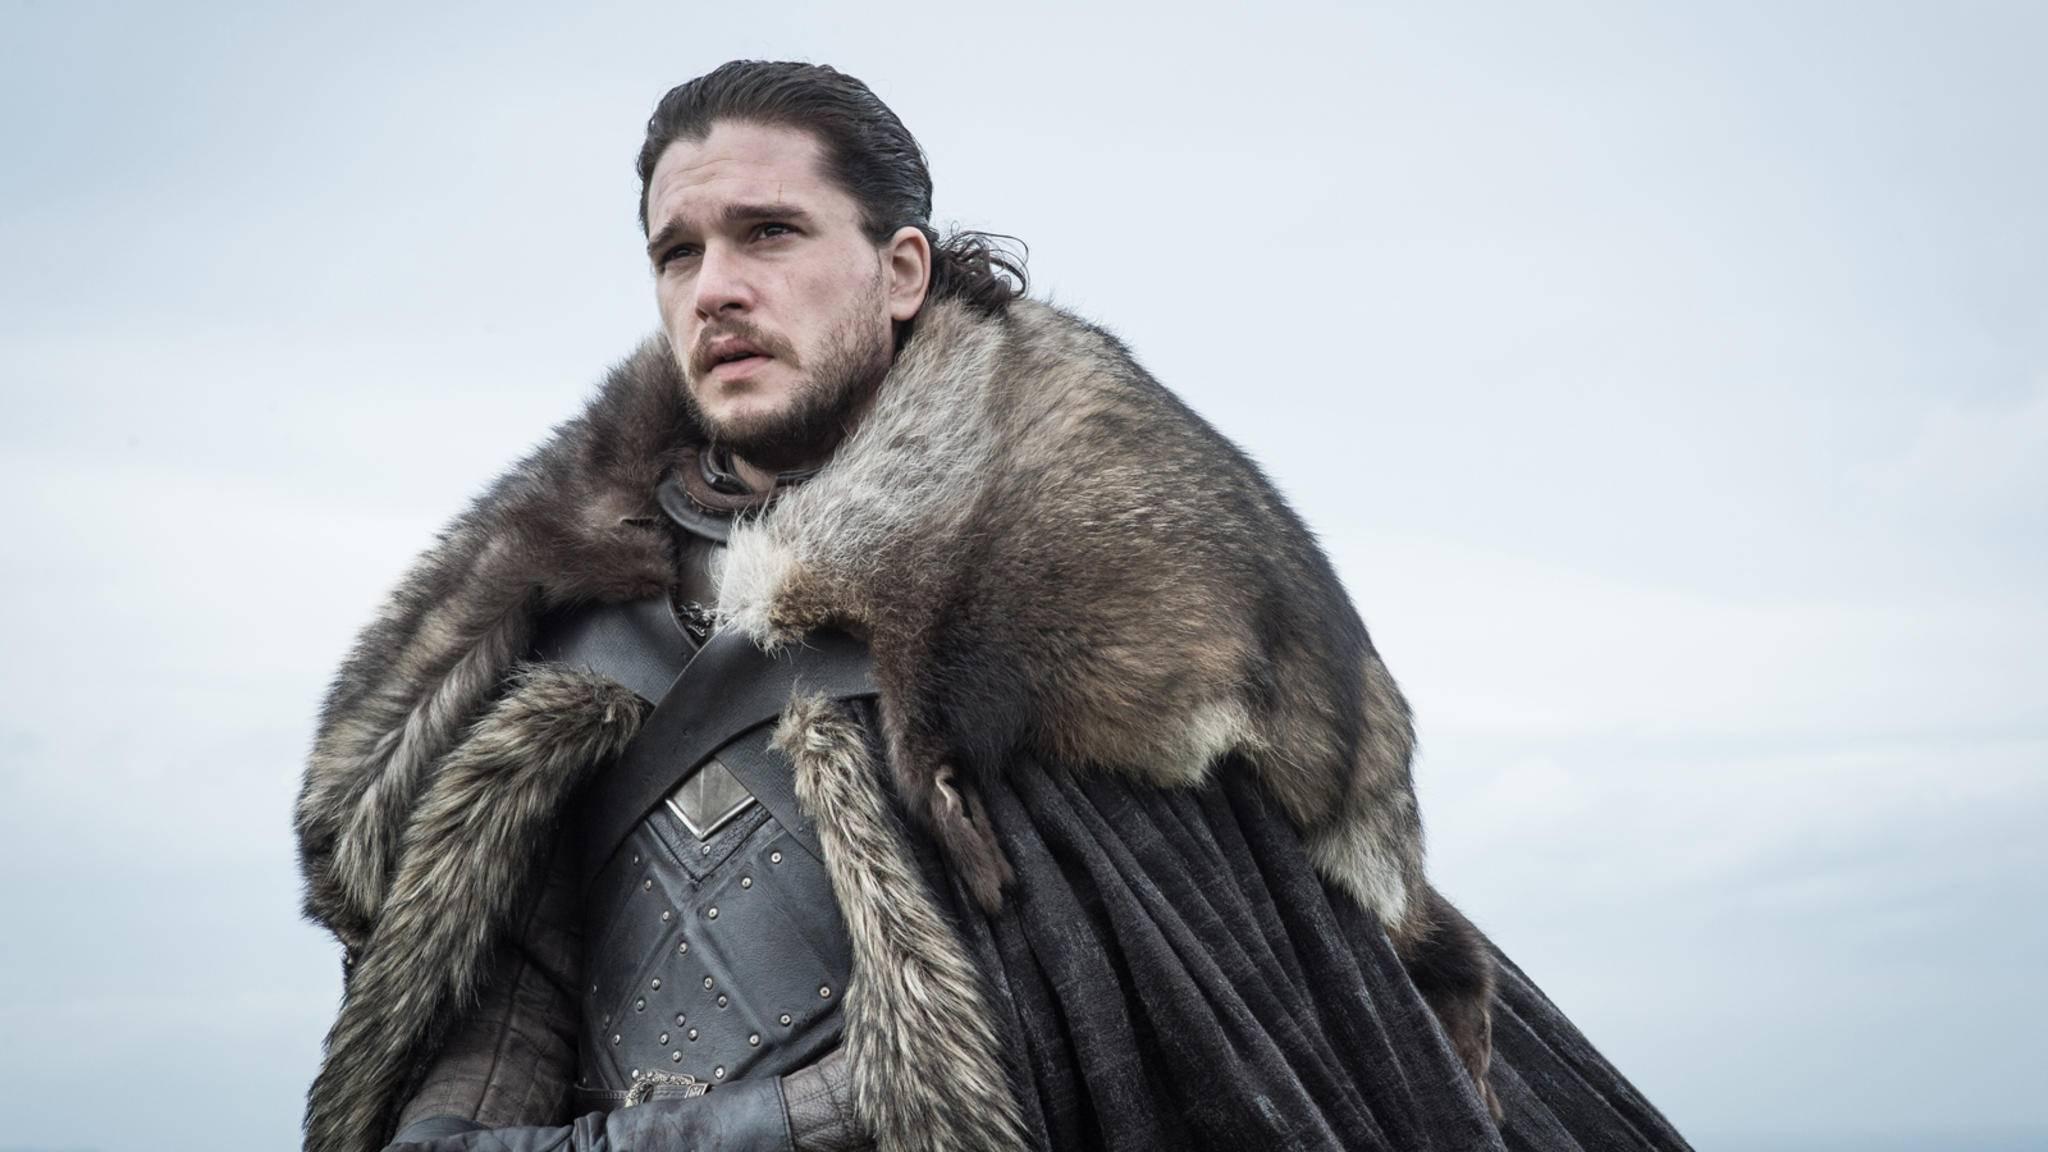 Wusstest Du bereits die folgenden acht Fakten über Jon Snow?